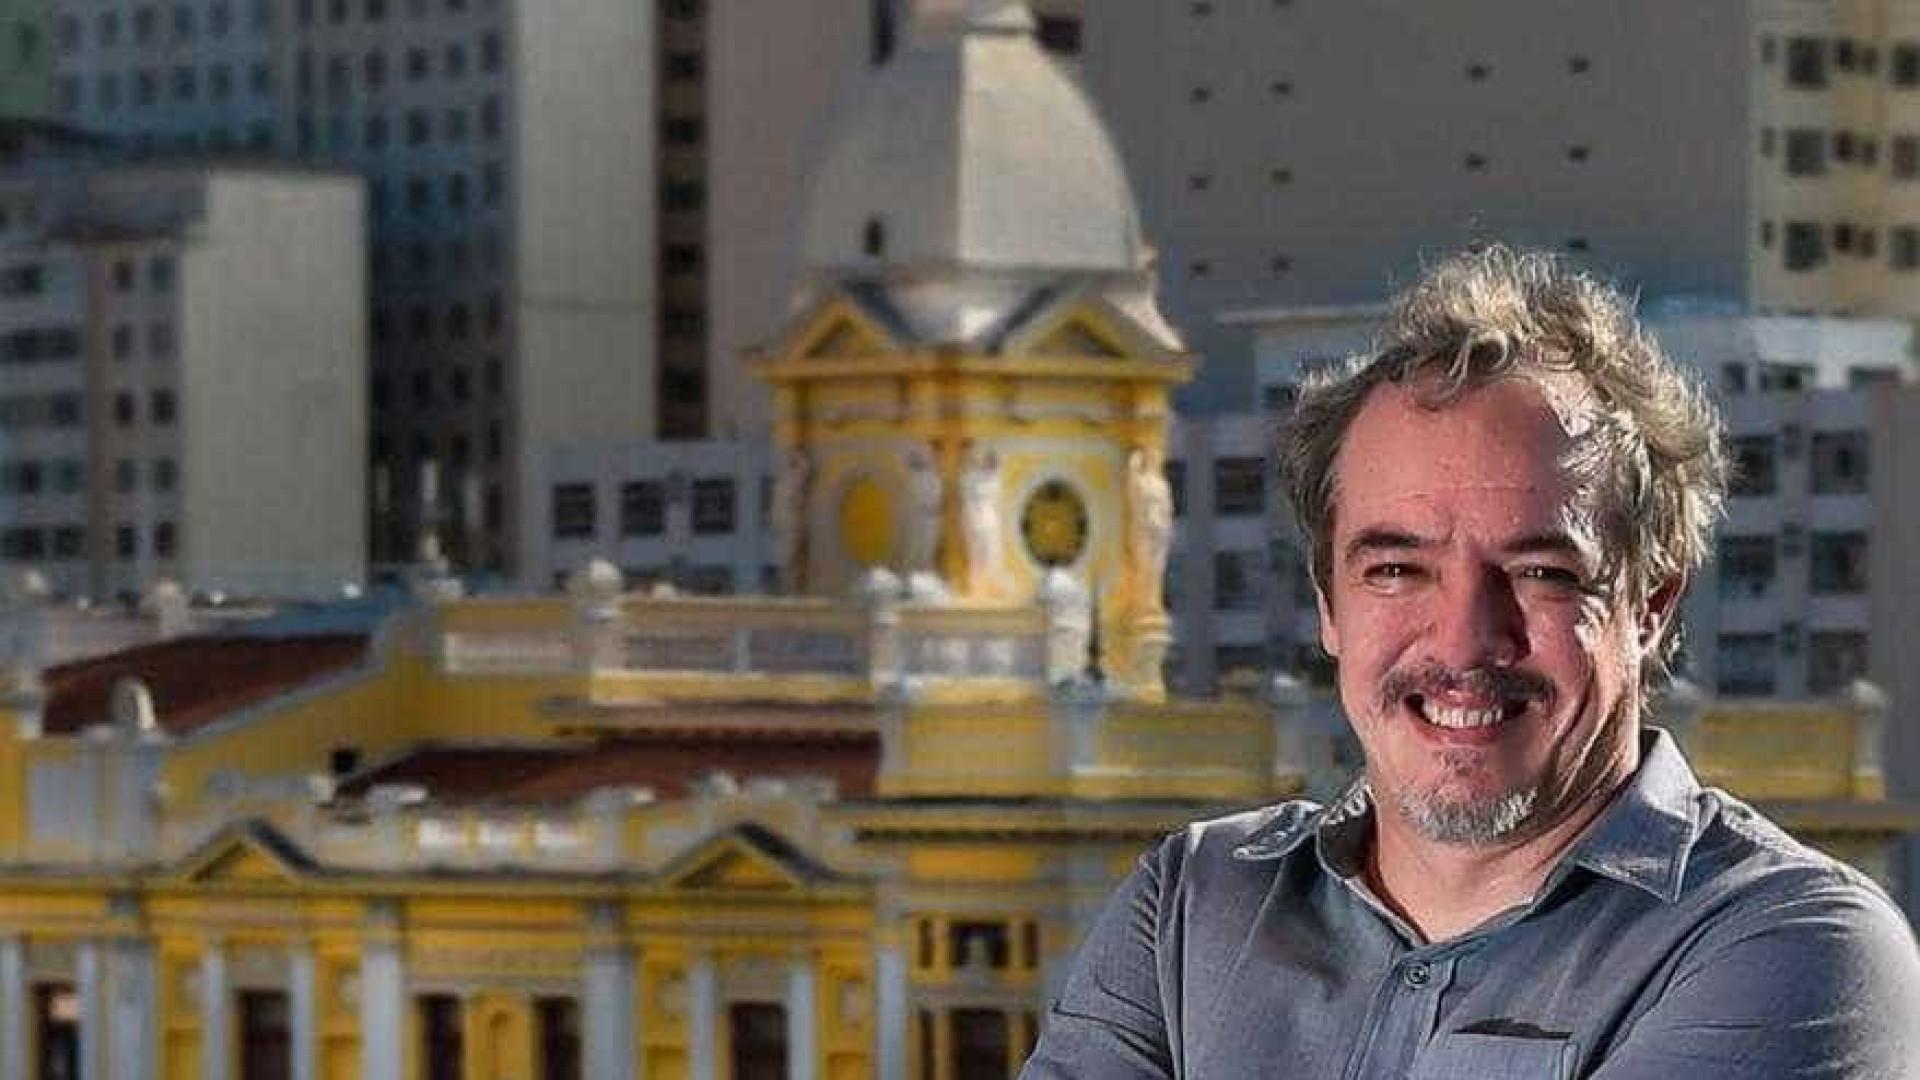 Morre compositor Flávio Henrique por febre amarela em BH